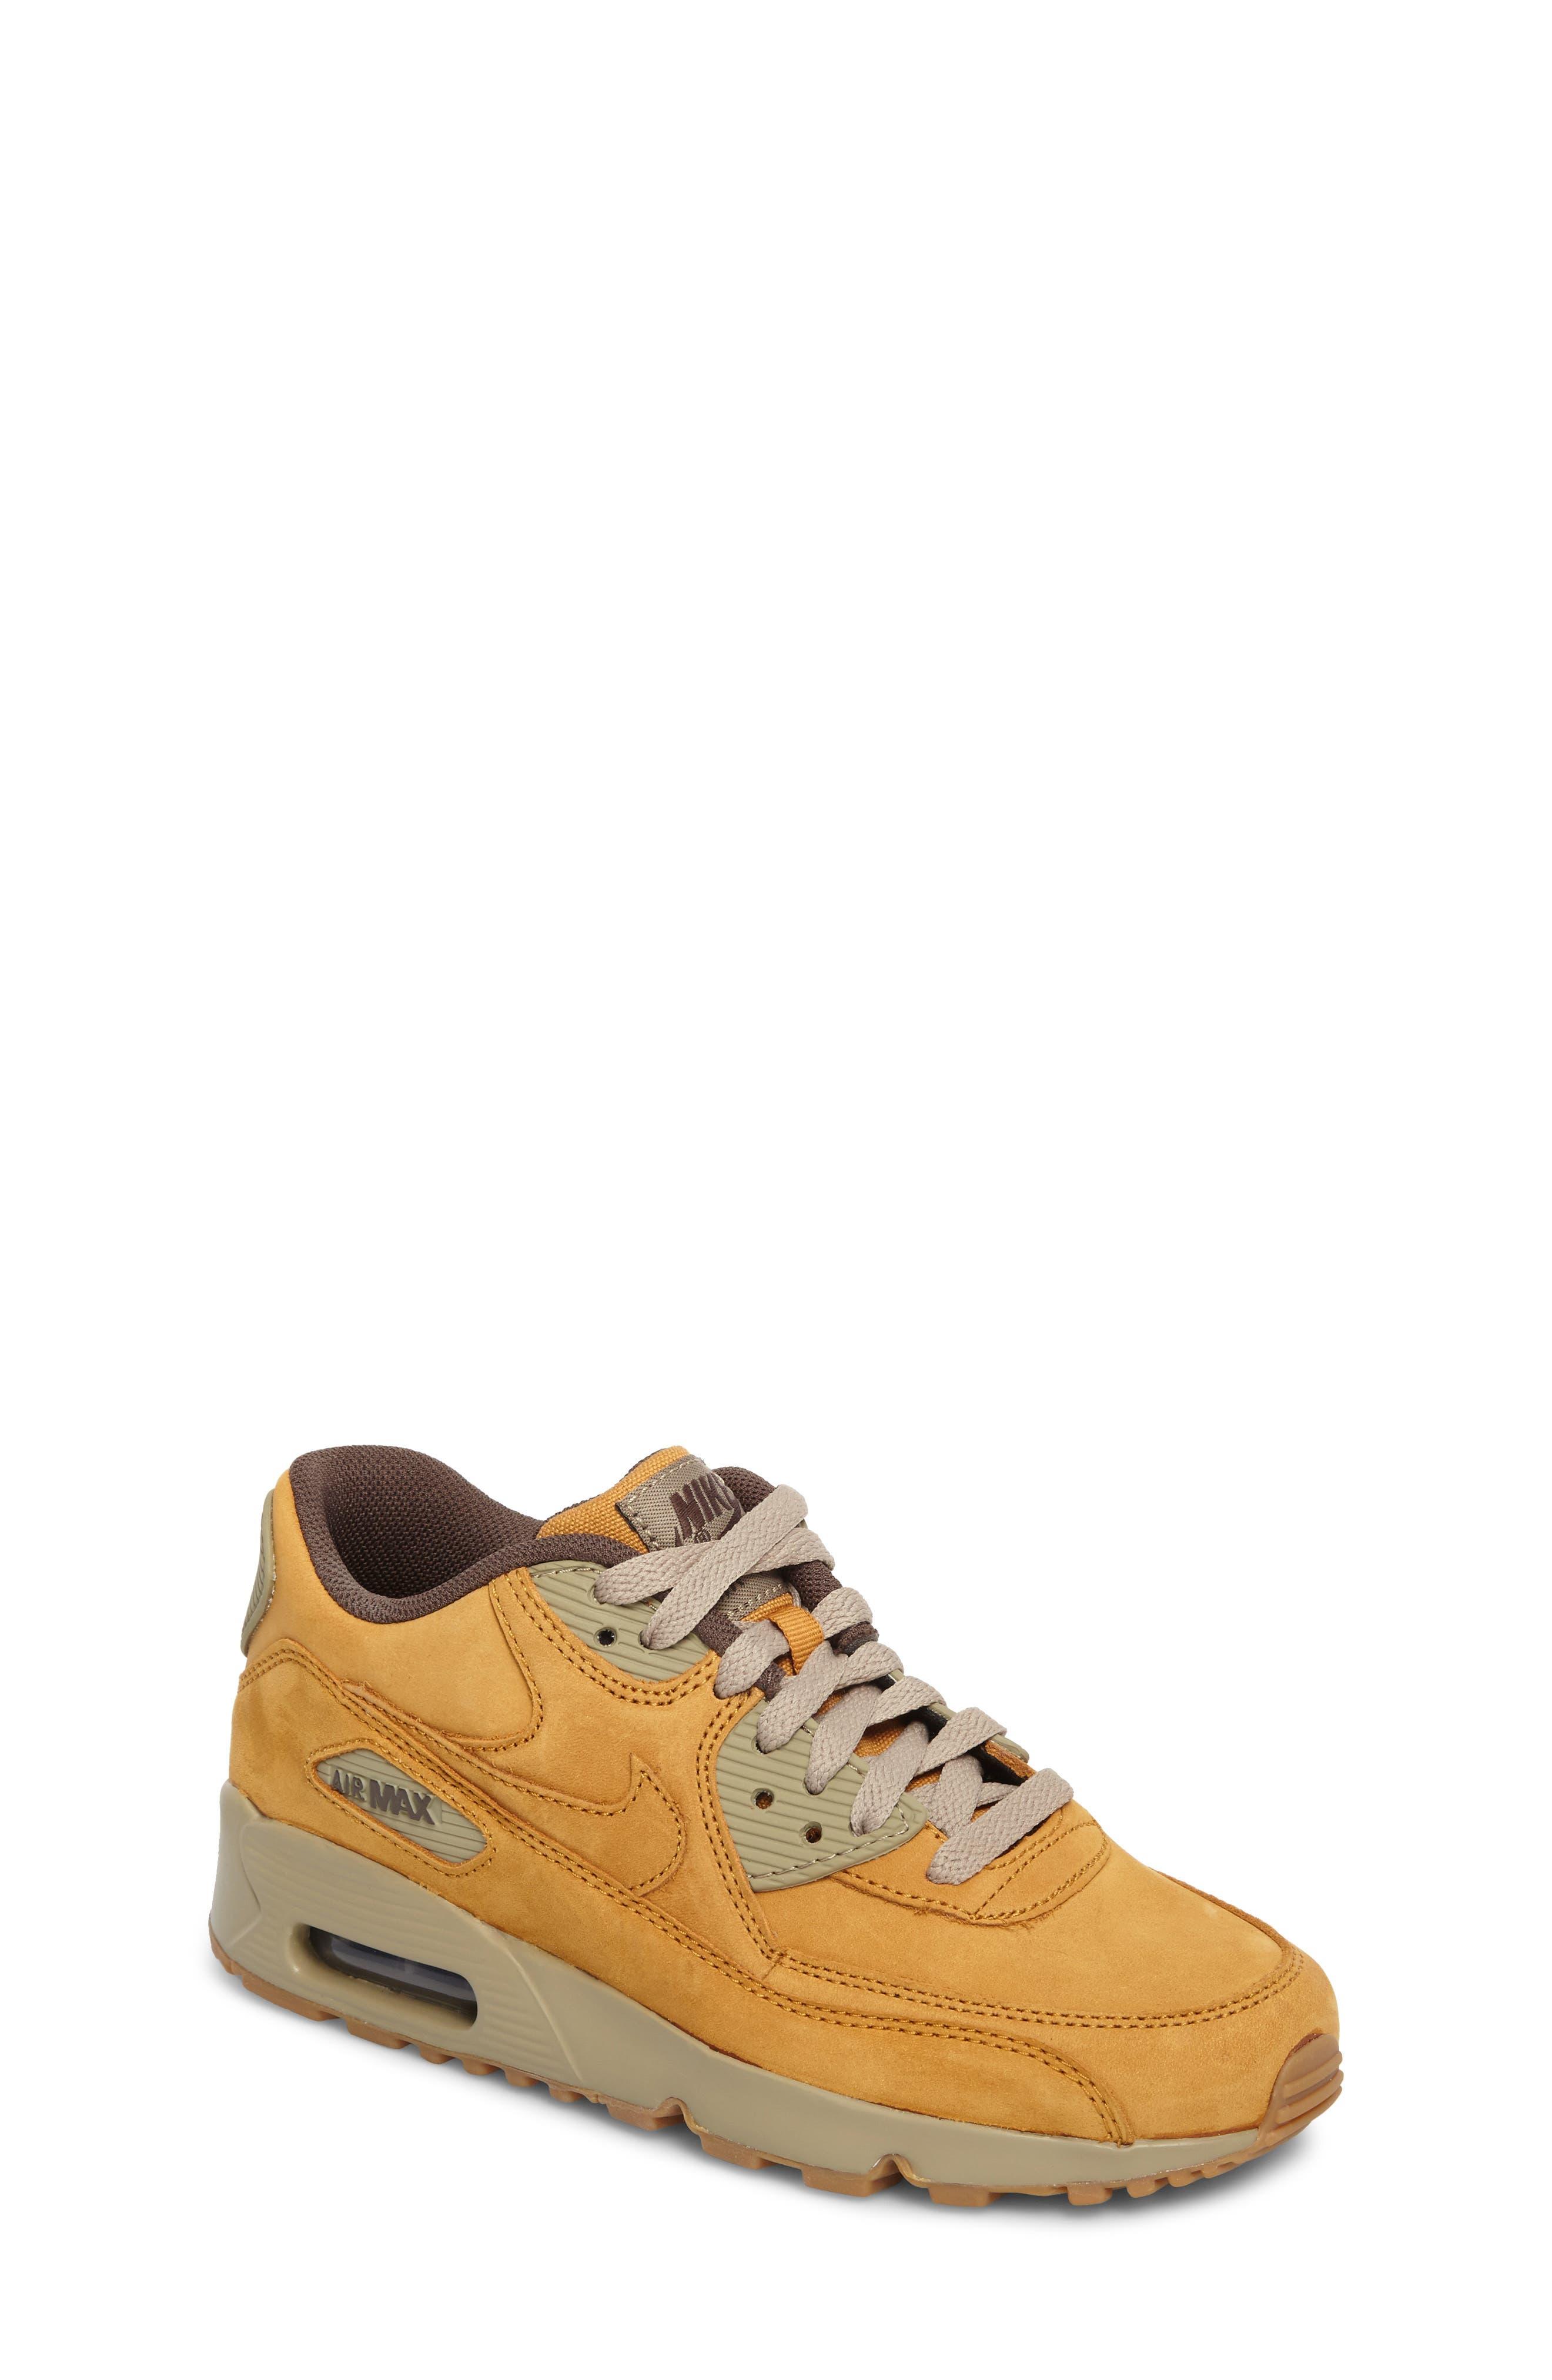 Air Max 90 Winter Premium Sneaker,                         Main,                         color, BRONZE